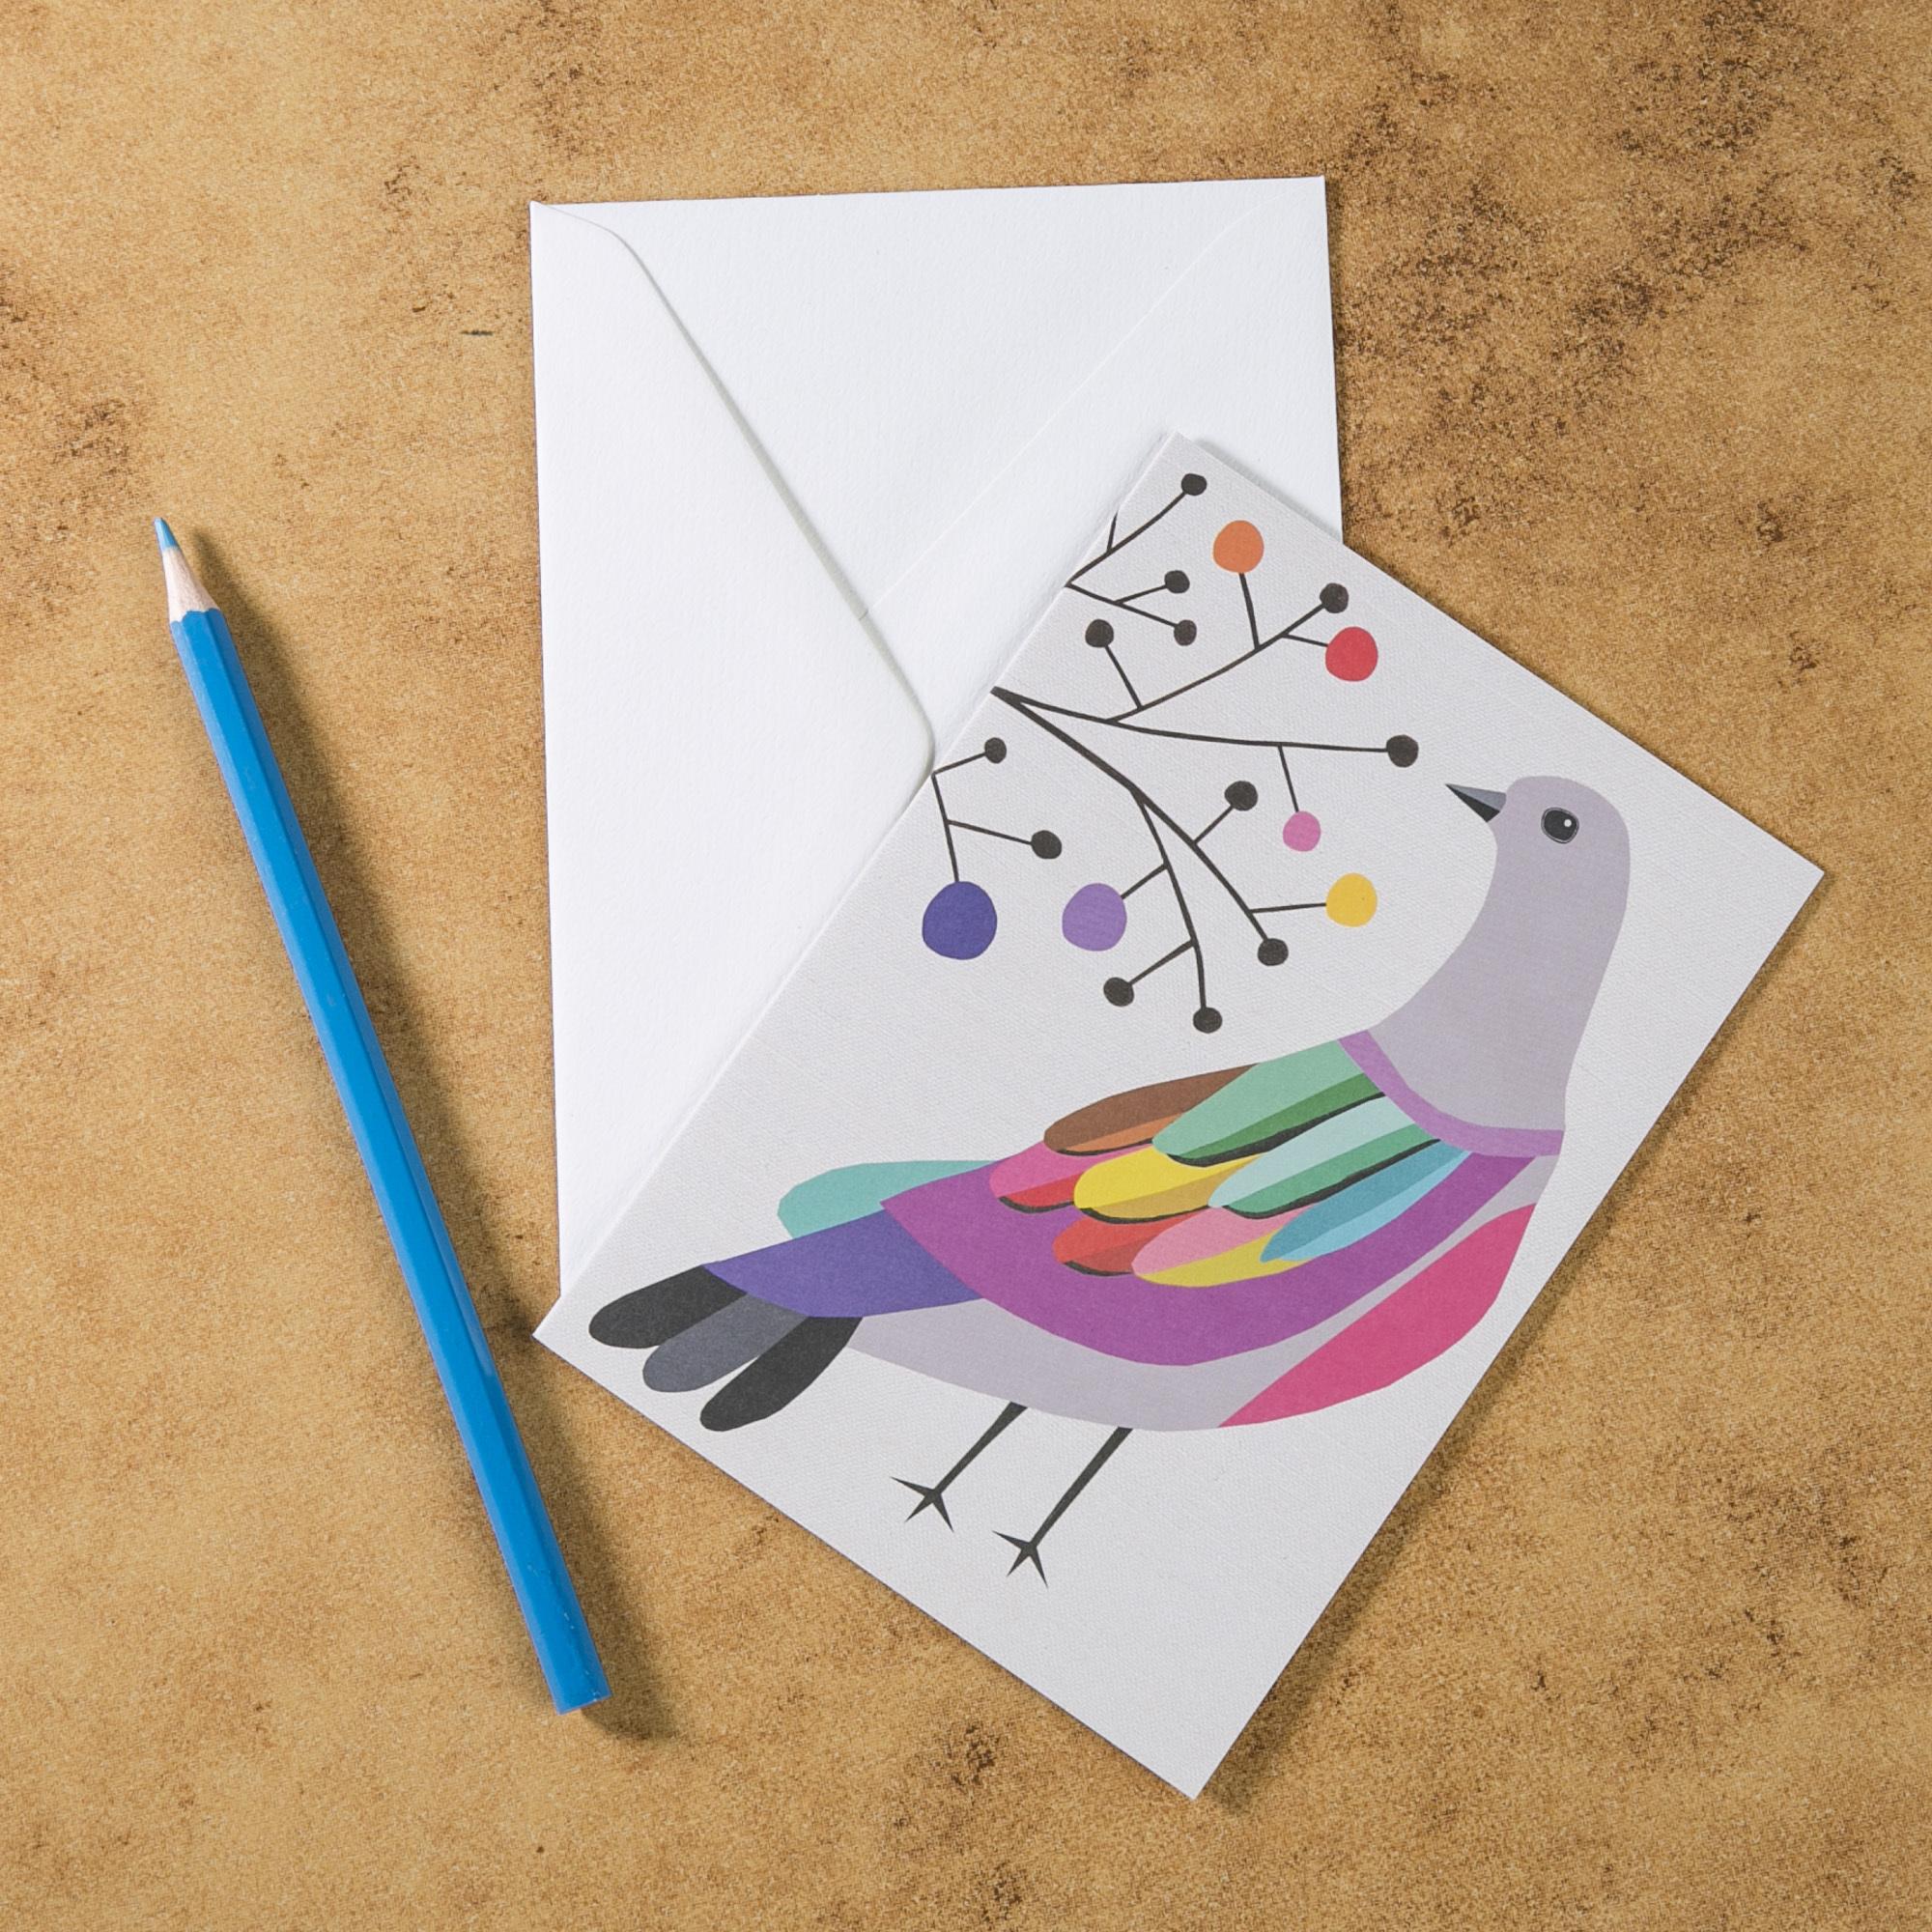 新西兰原产Tikitibu 彩色鸠贺卡明信片创意生日贺卡 彩色